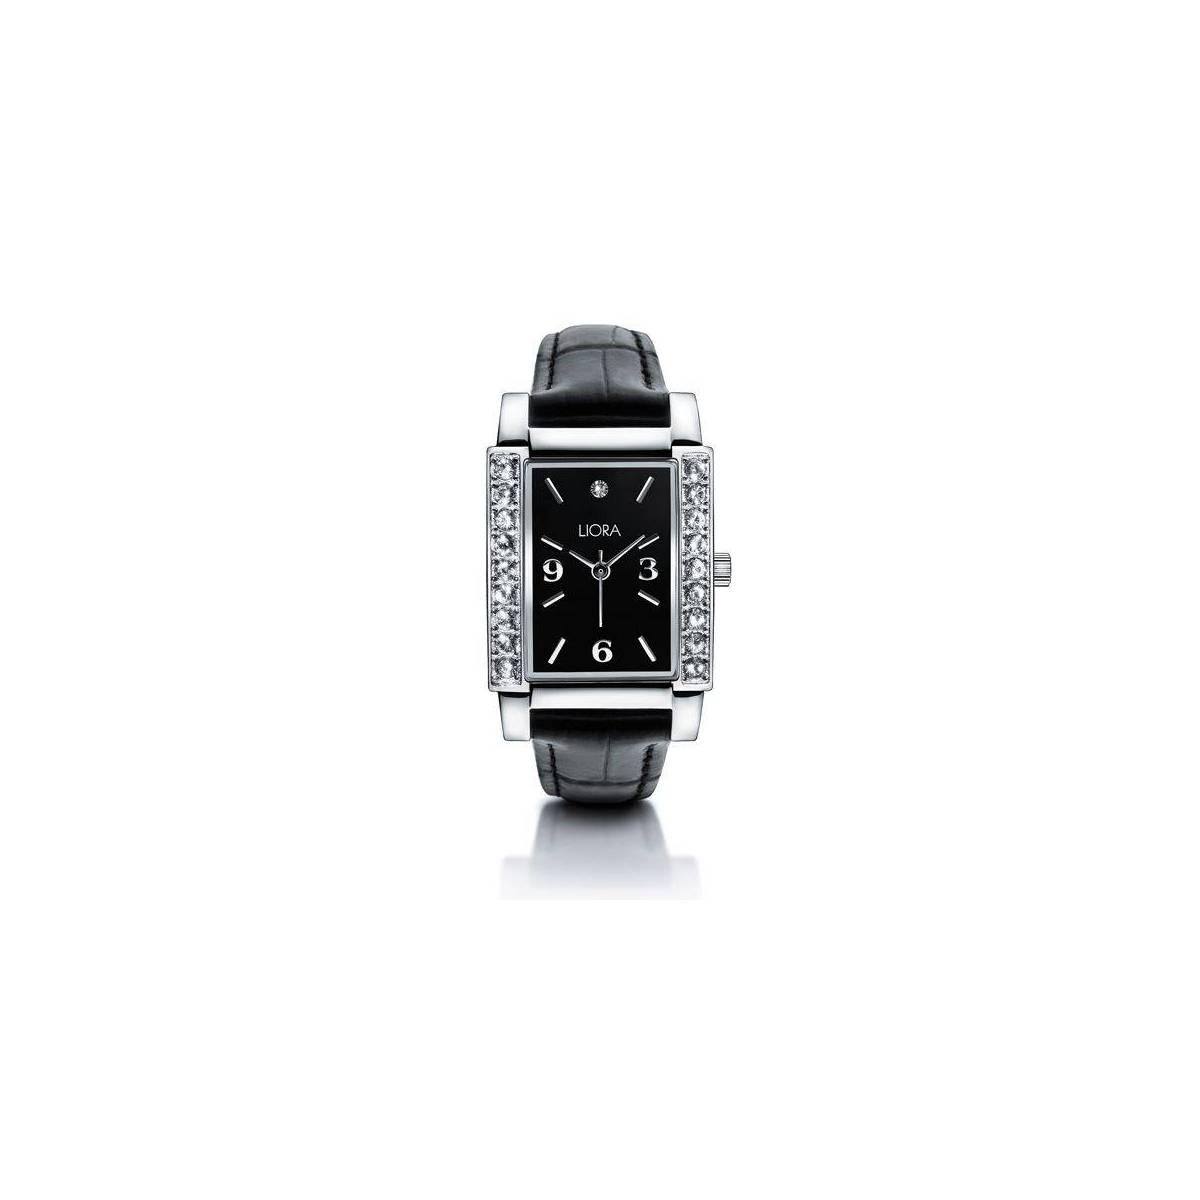 Montre Liora Montre Bracelet Bracelet Liora Femme n80kPOw